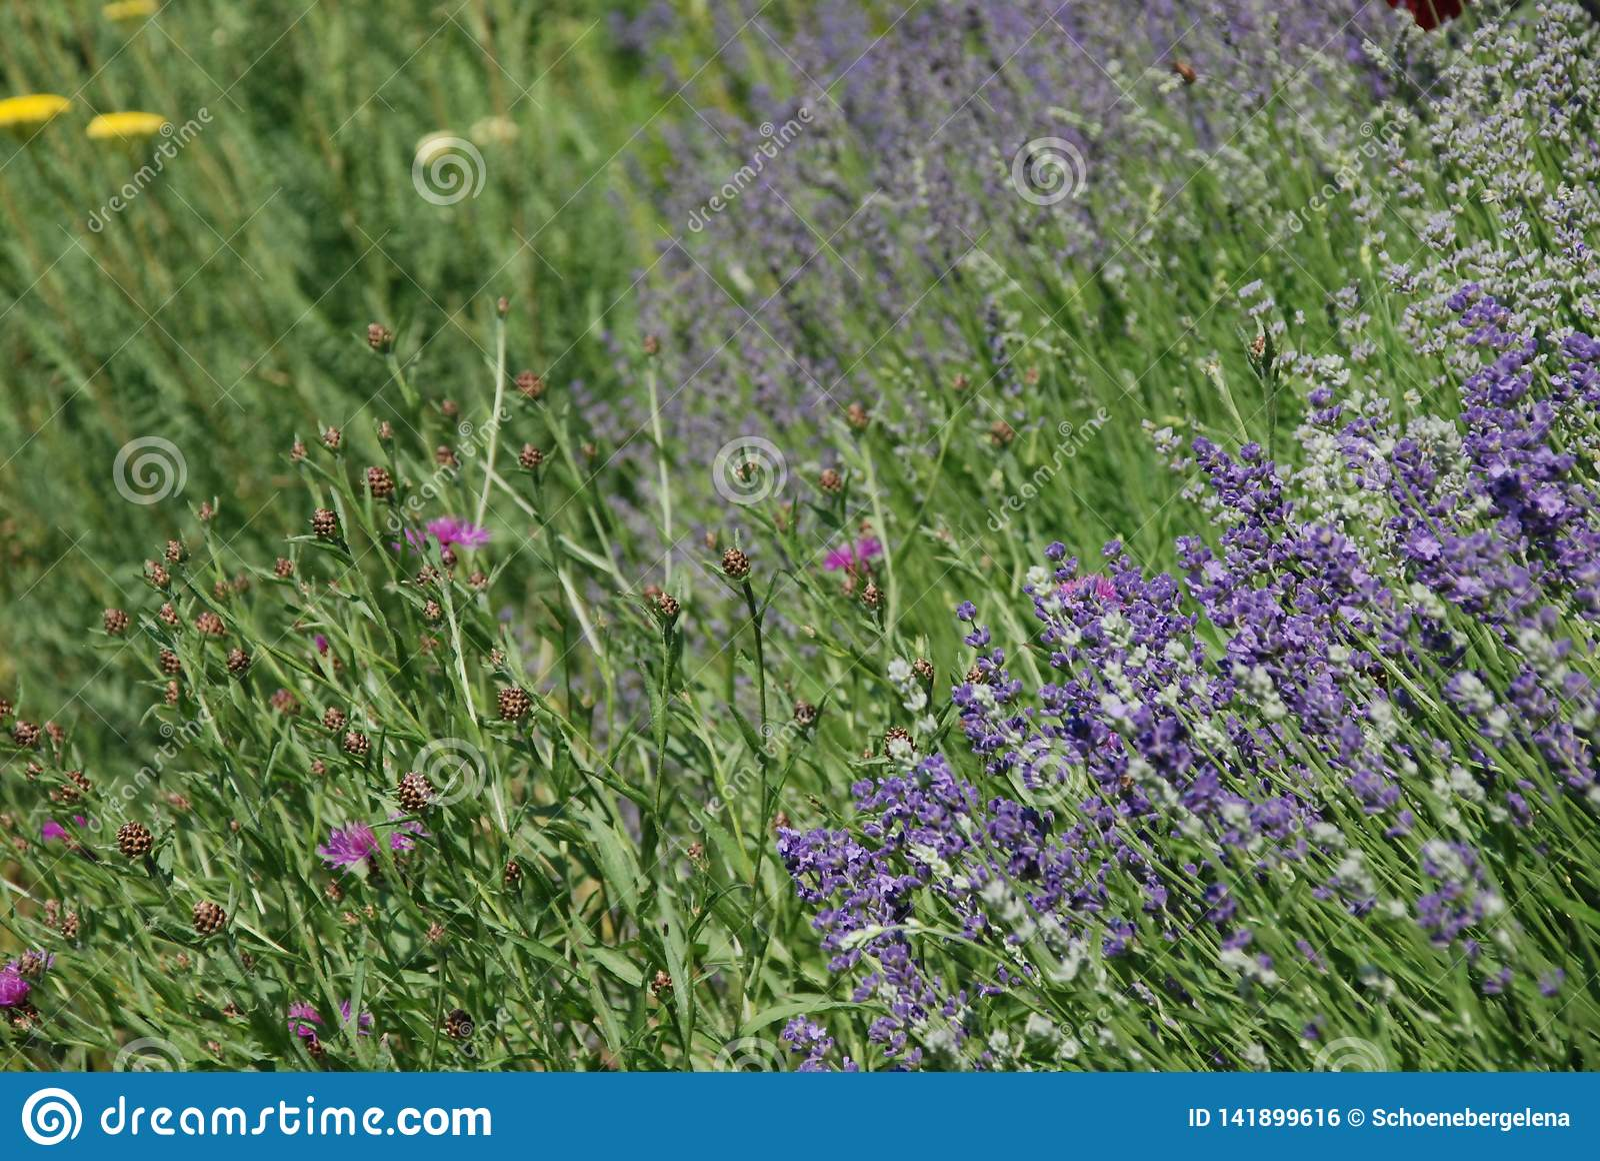 Wildflowers en Lavendel het bloeien